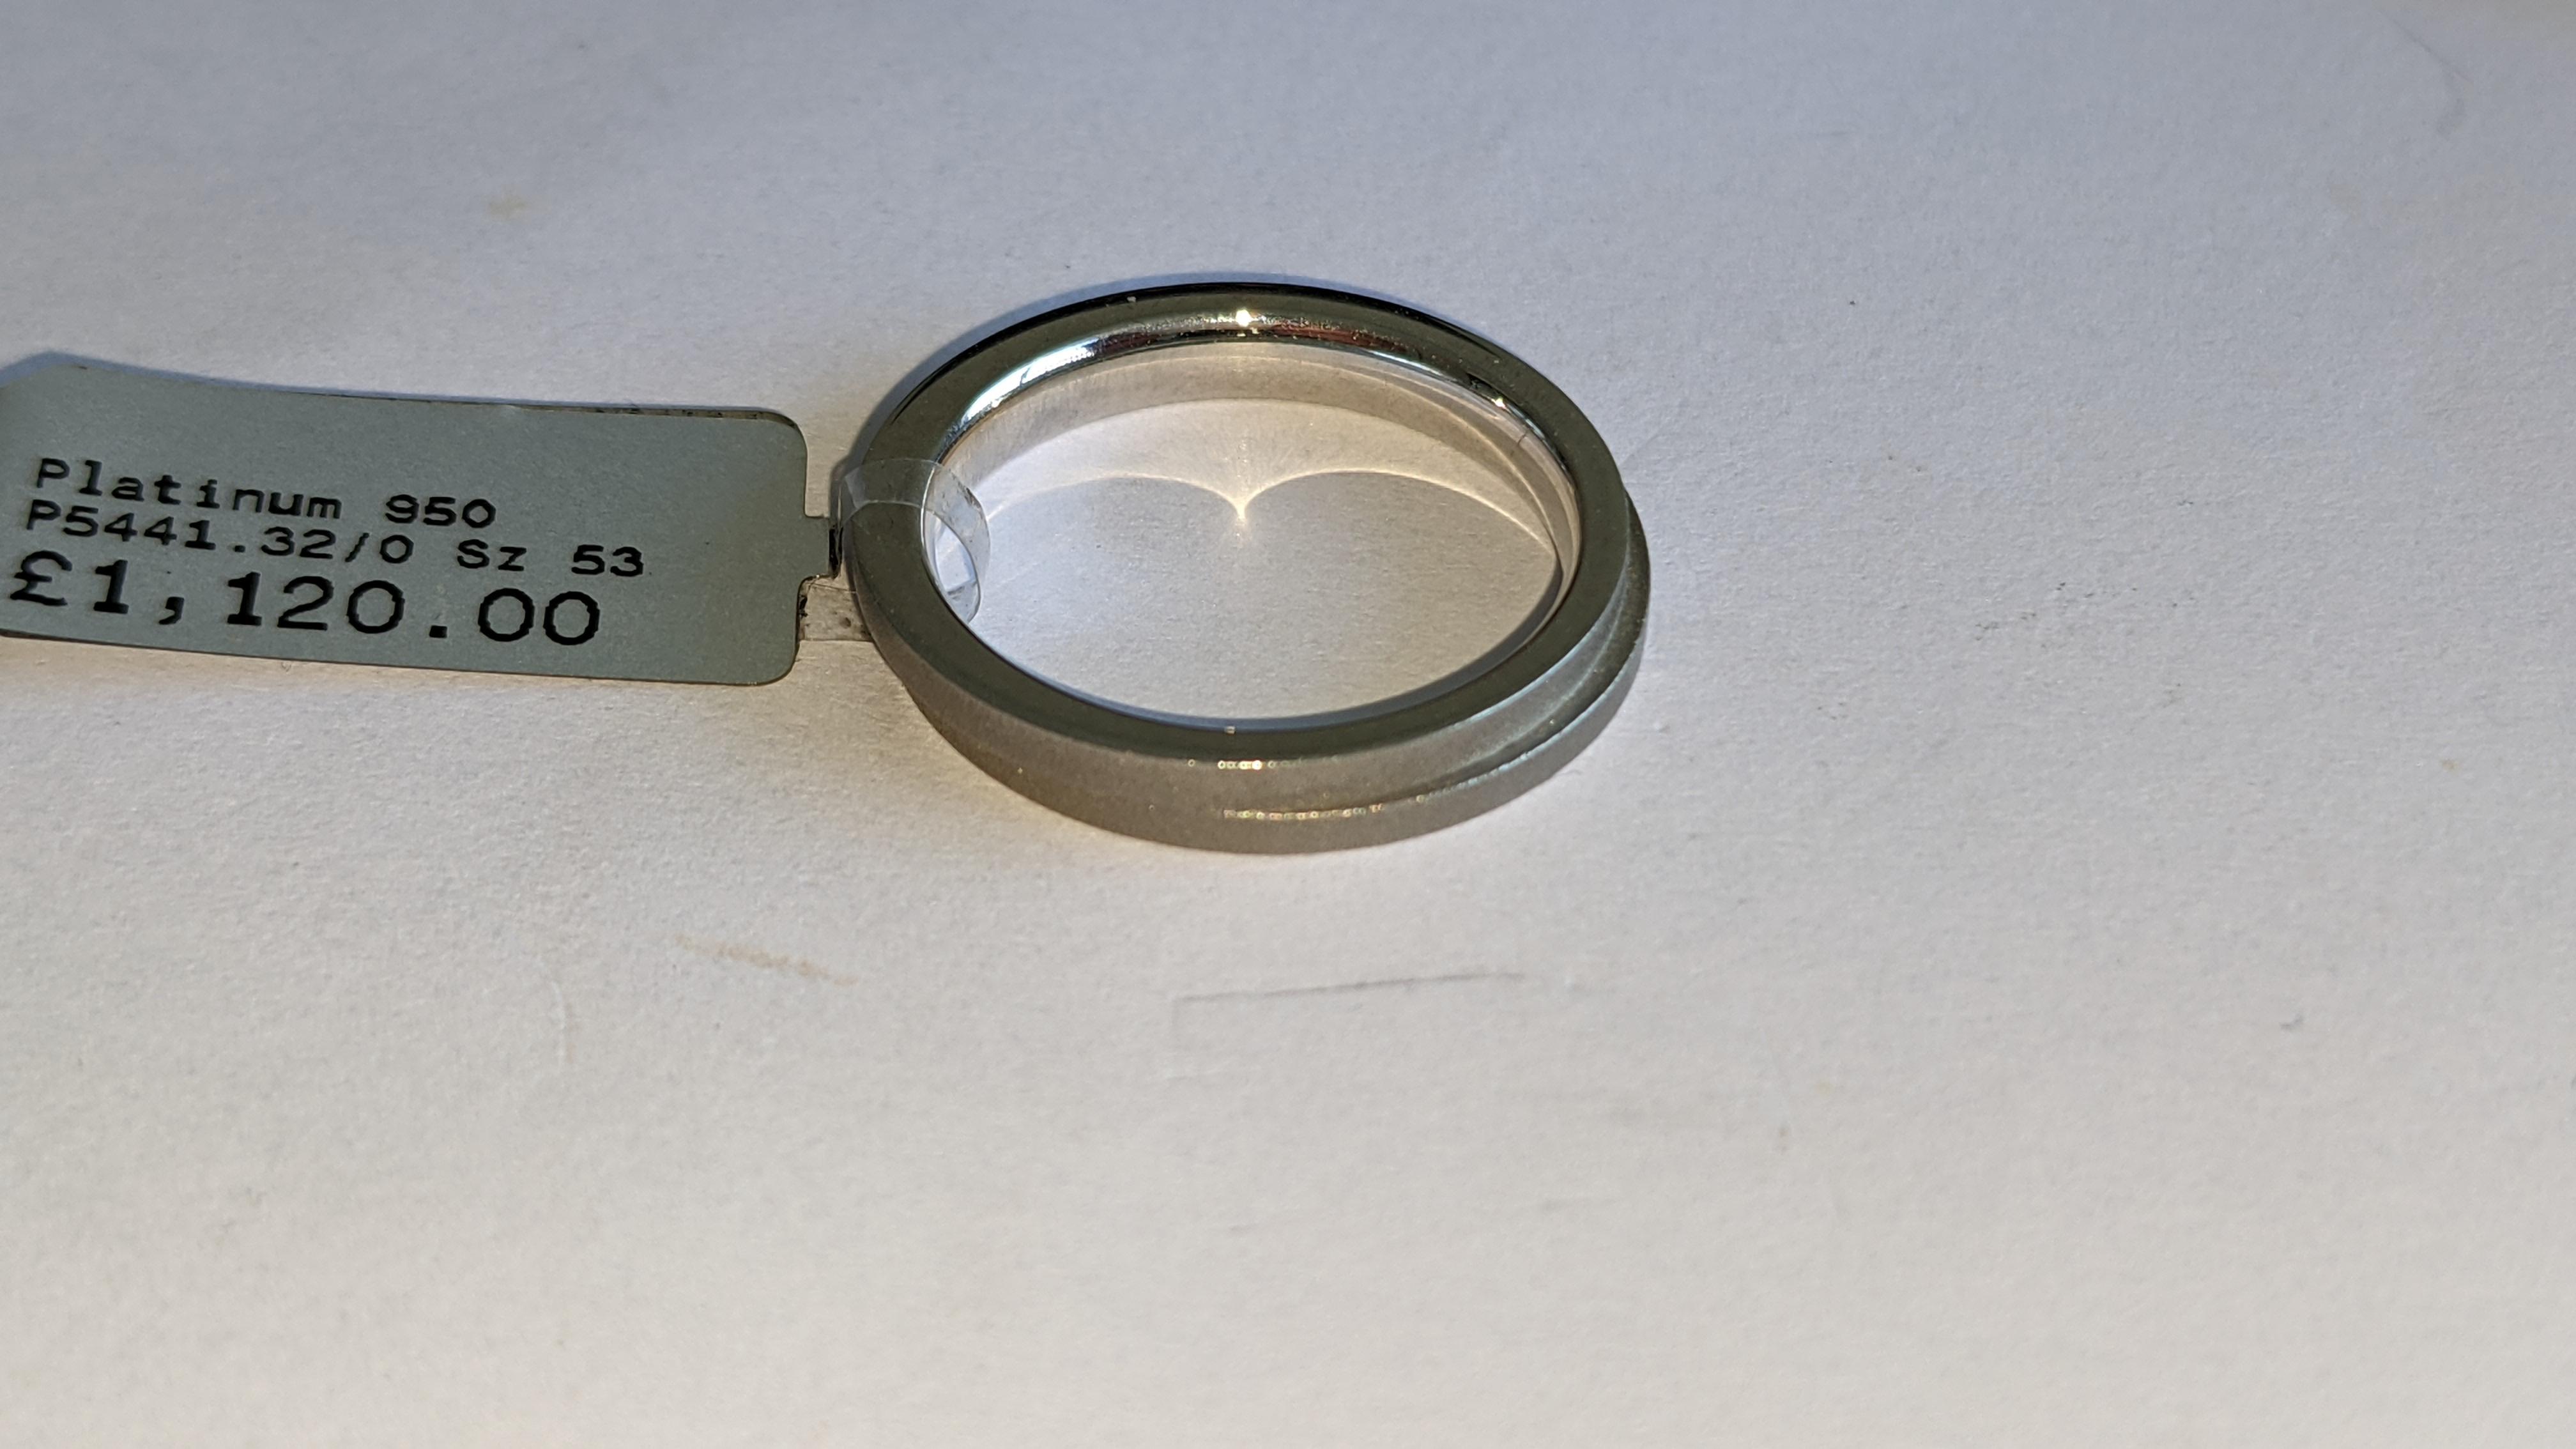 Platinum 950 wedding ring. RRP £1,120 - Image 7 of 13